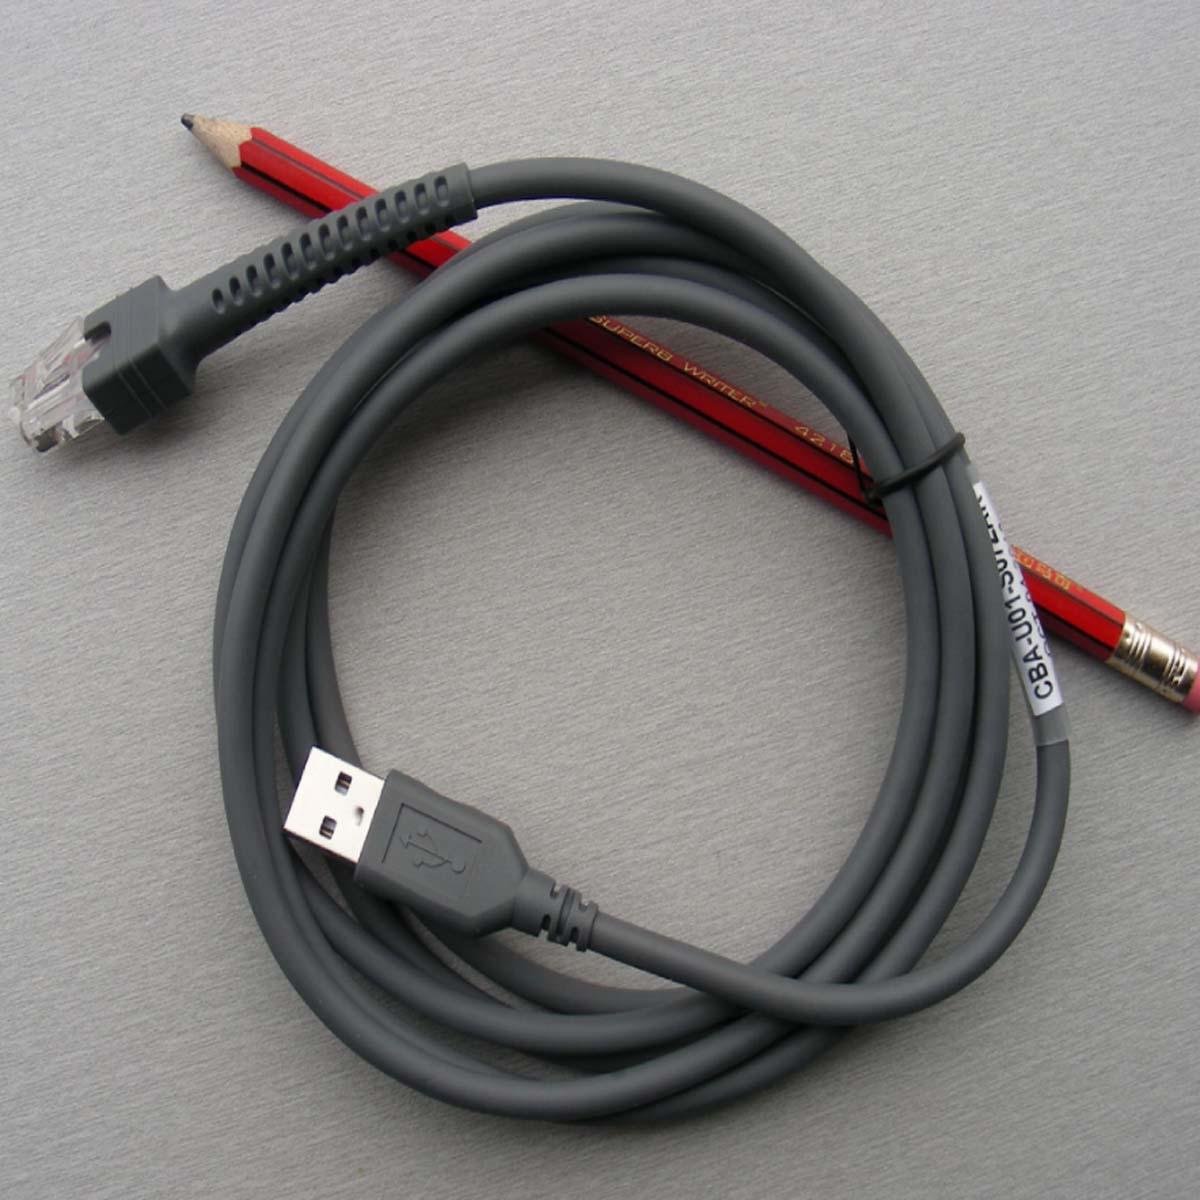 Новый cba-u01-s07zar 2 м USB кабель сканер кабель для символ Двигатель Ола LS1203 ls2208 ...